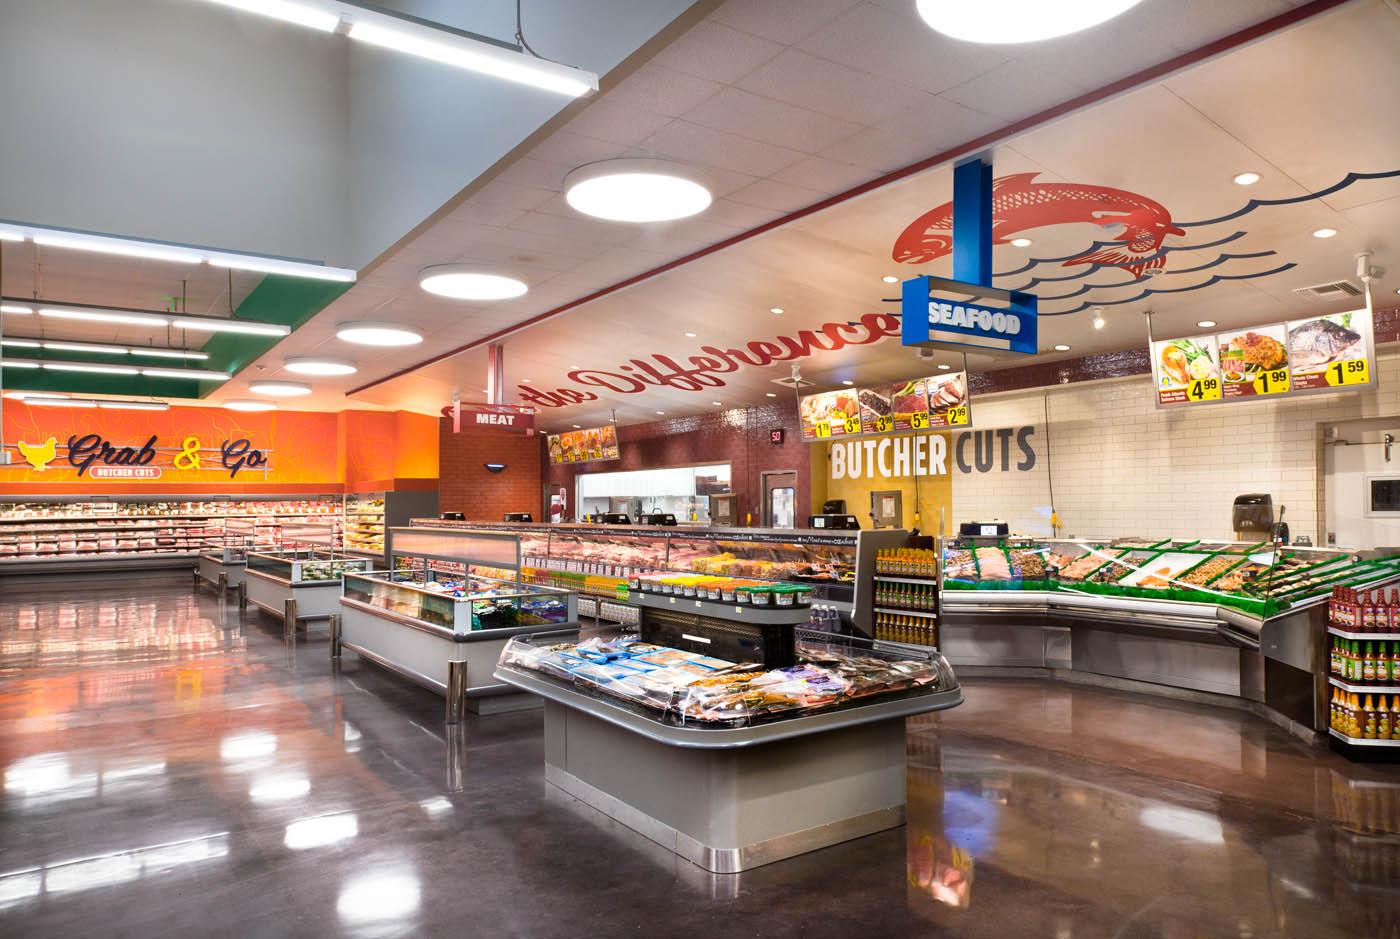 Super king markets dl english design dl english design for King fish market